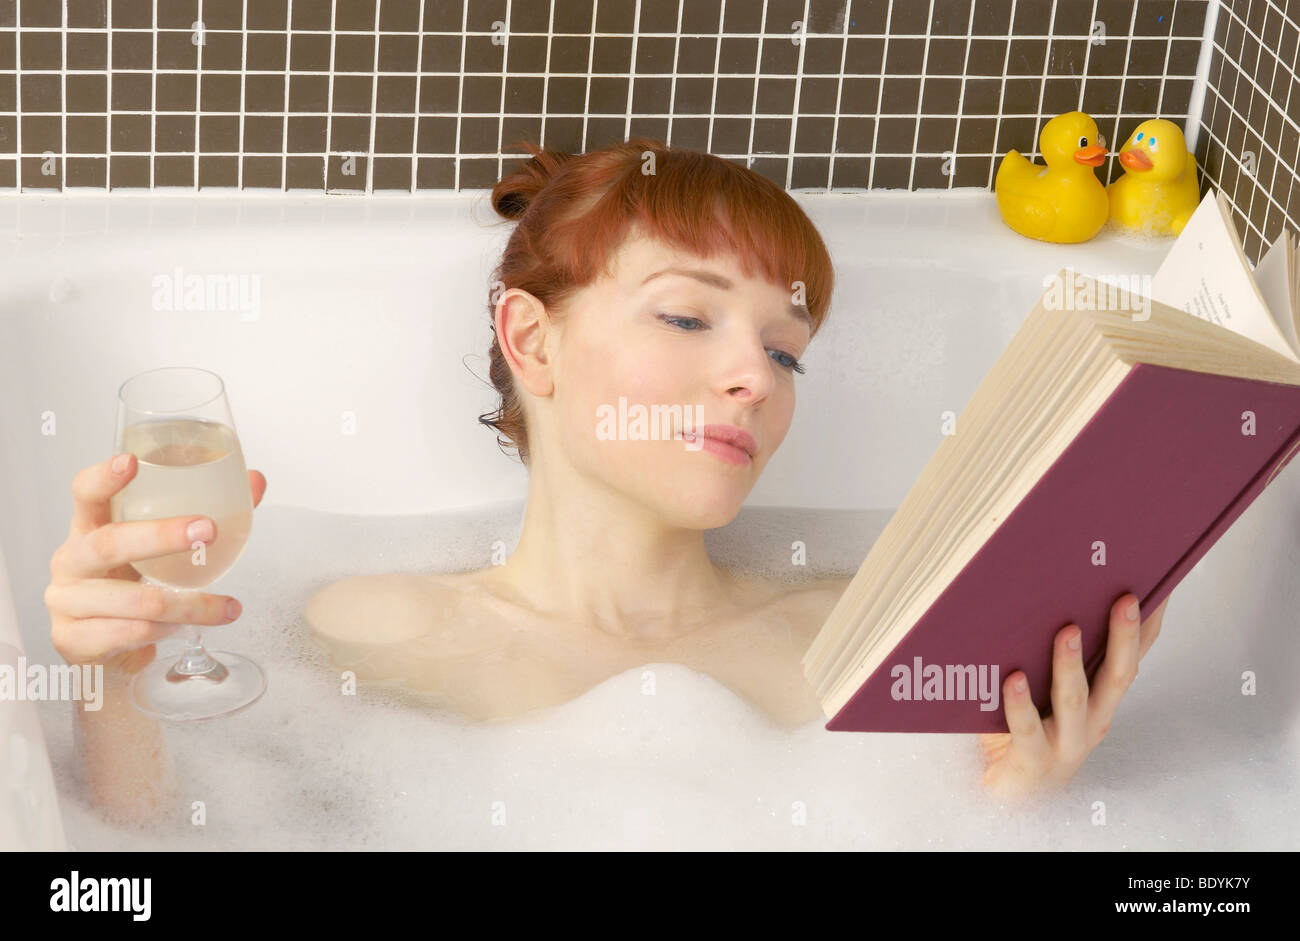 Riempire La Vasca Da Bagno In Inglese : Donna relax nella vasca da bagno con libro foto & immagine stock